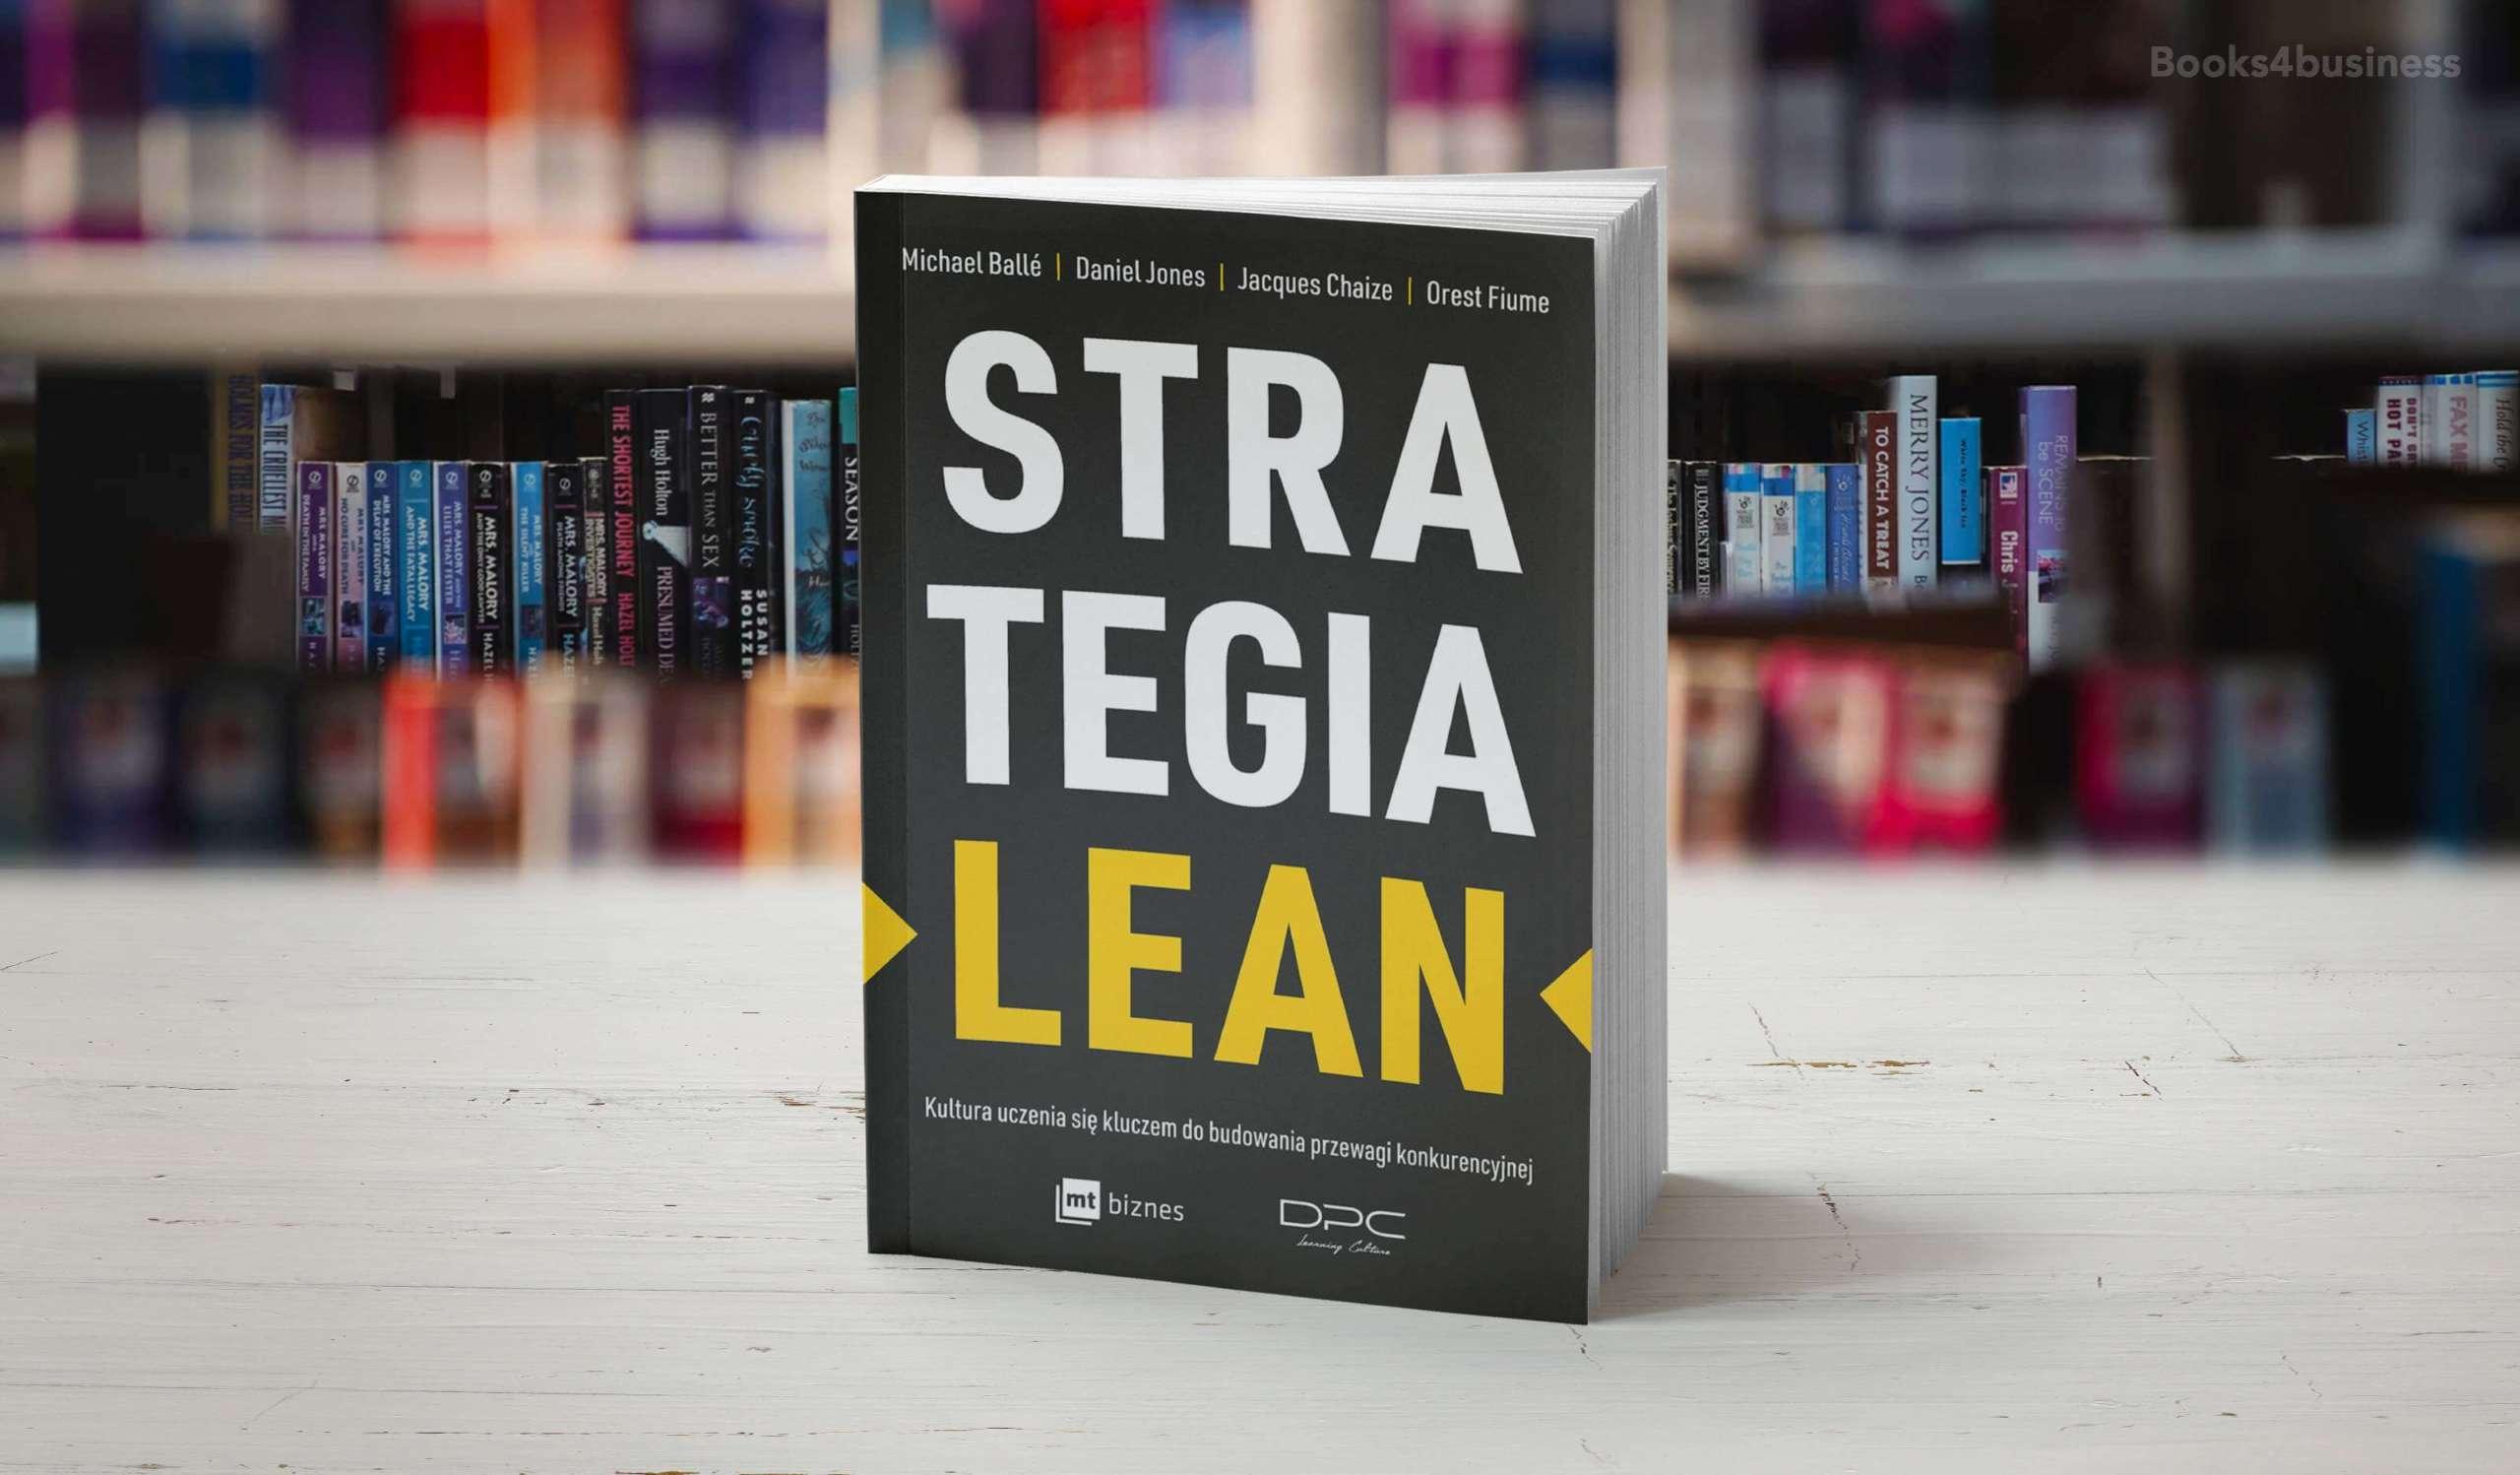 Strategia lean. Kultura uczenia się kluczem do budowania przewagi konkurencyjnej